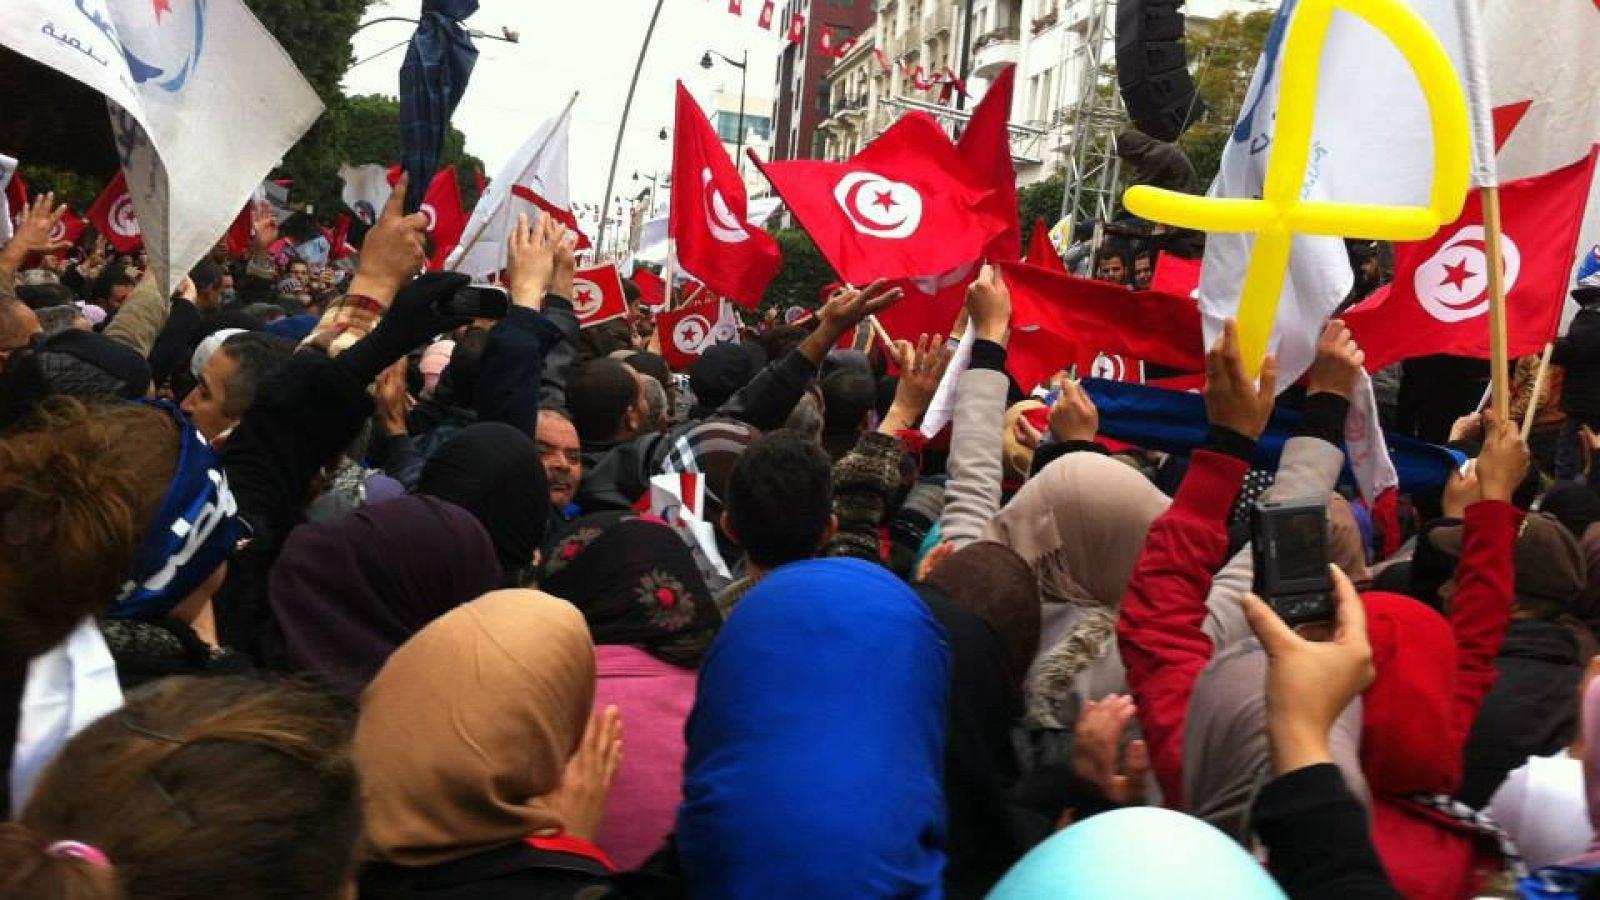 Protesters in Tunisia, 2014